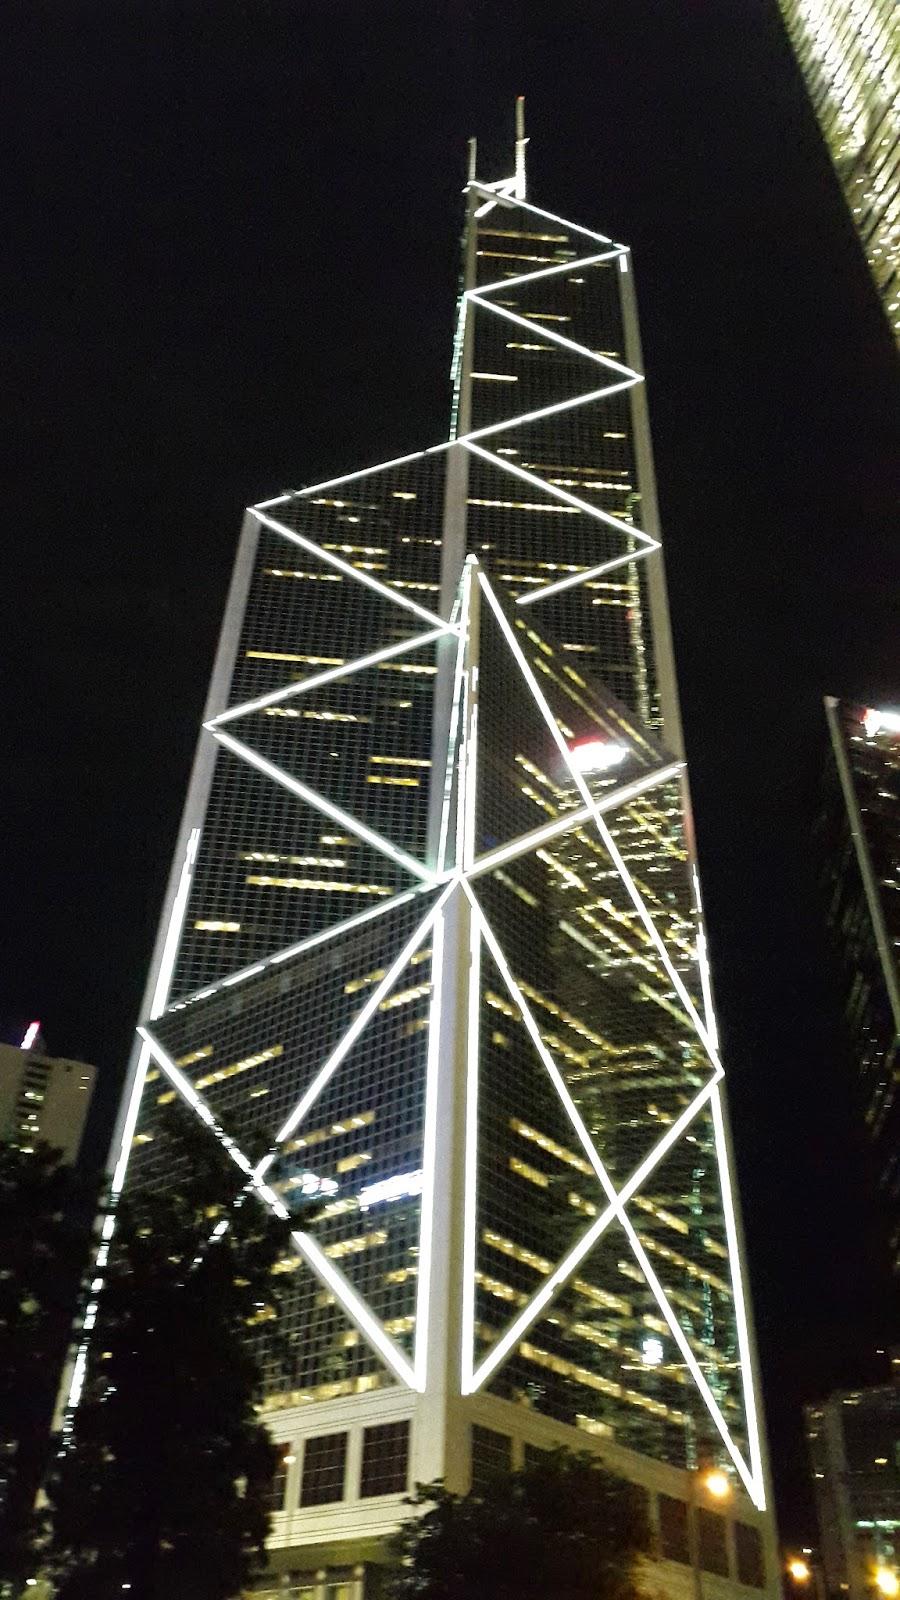 Central Hong Kong Building at Night